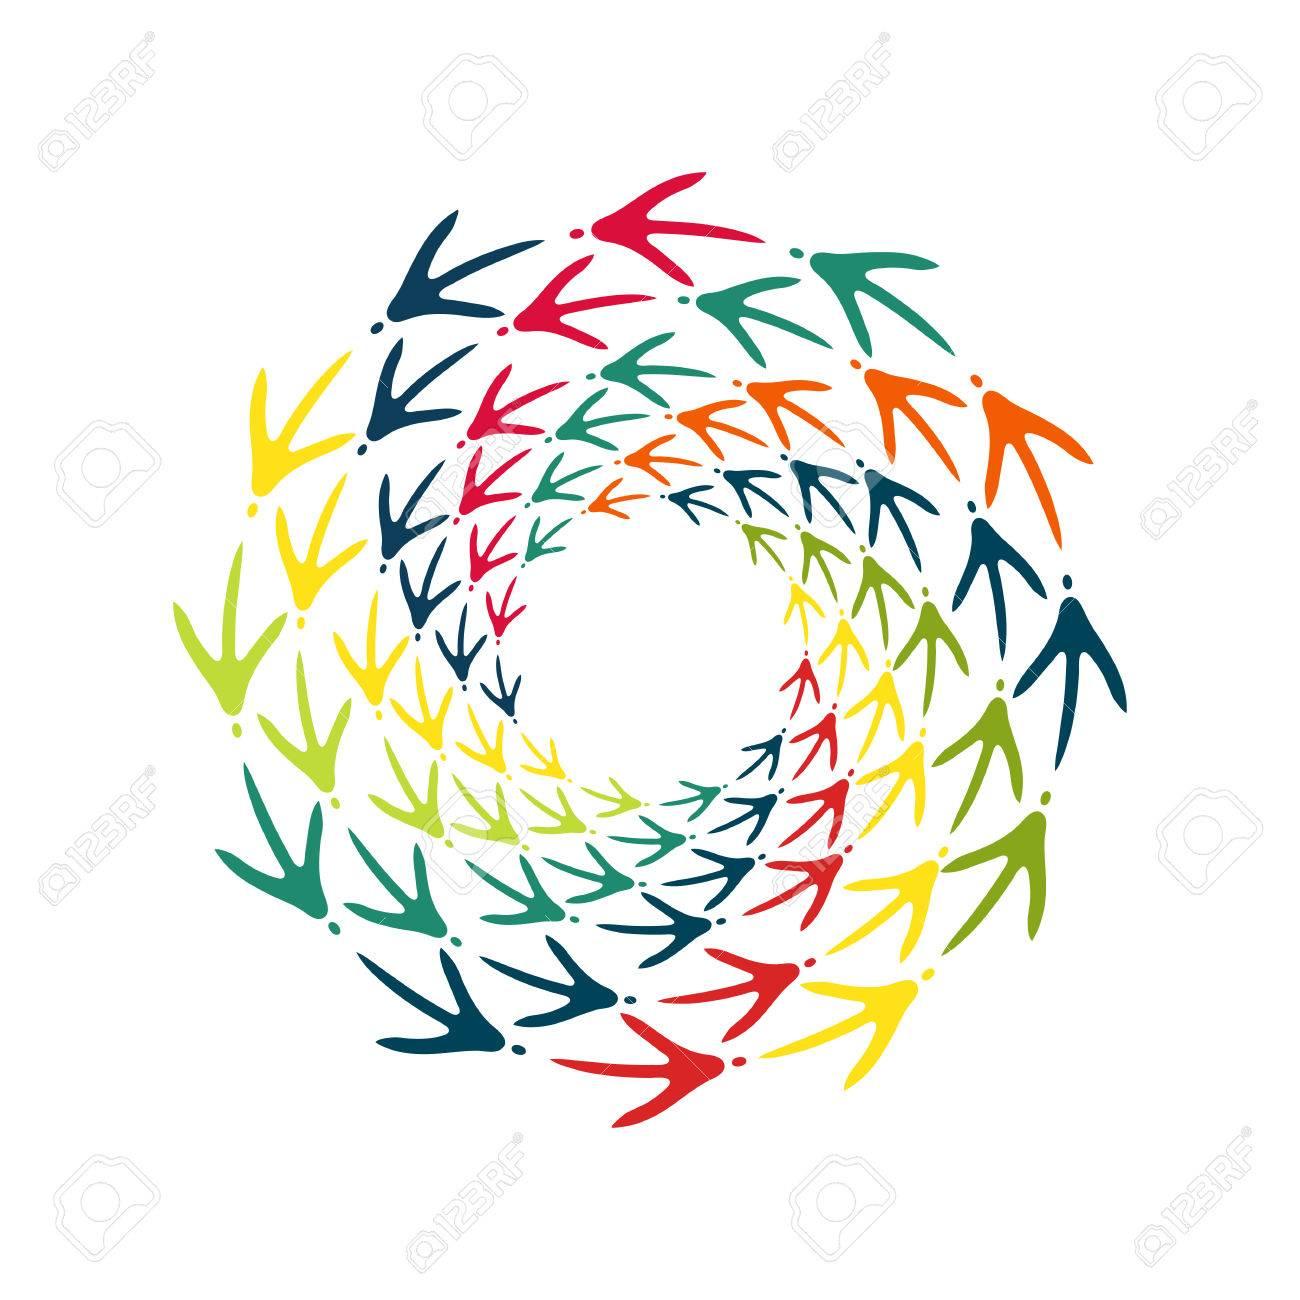 chicken bird s footprint spiral decorative design element frame